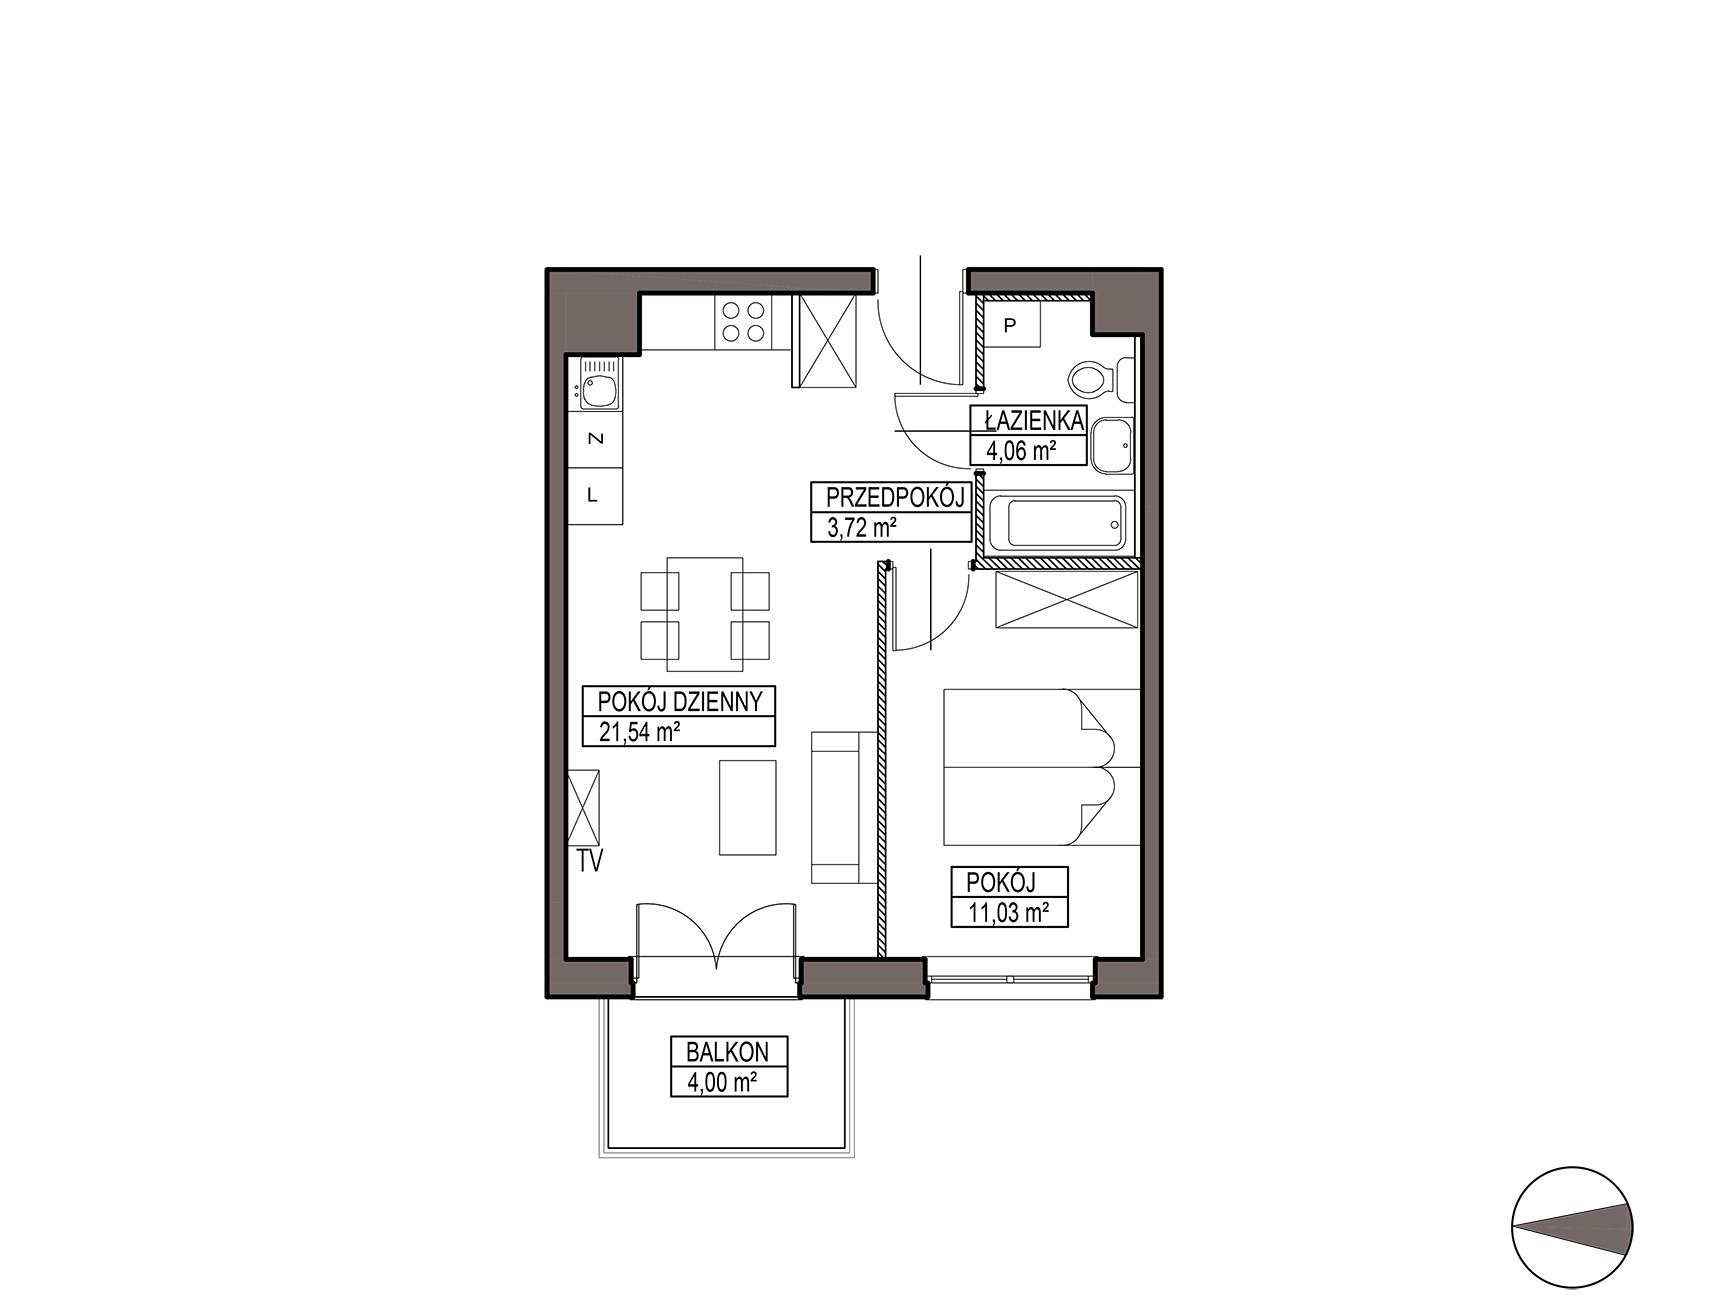 Uroczysko III / budynek 6 / mieszkanie H/0/9 rzut 1